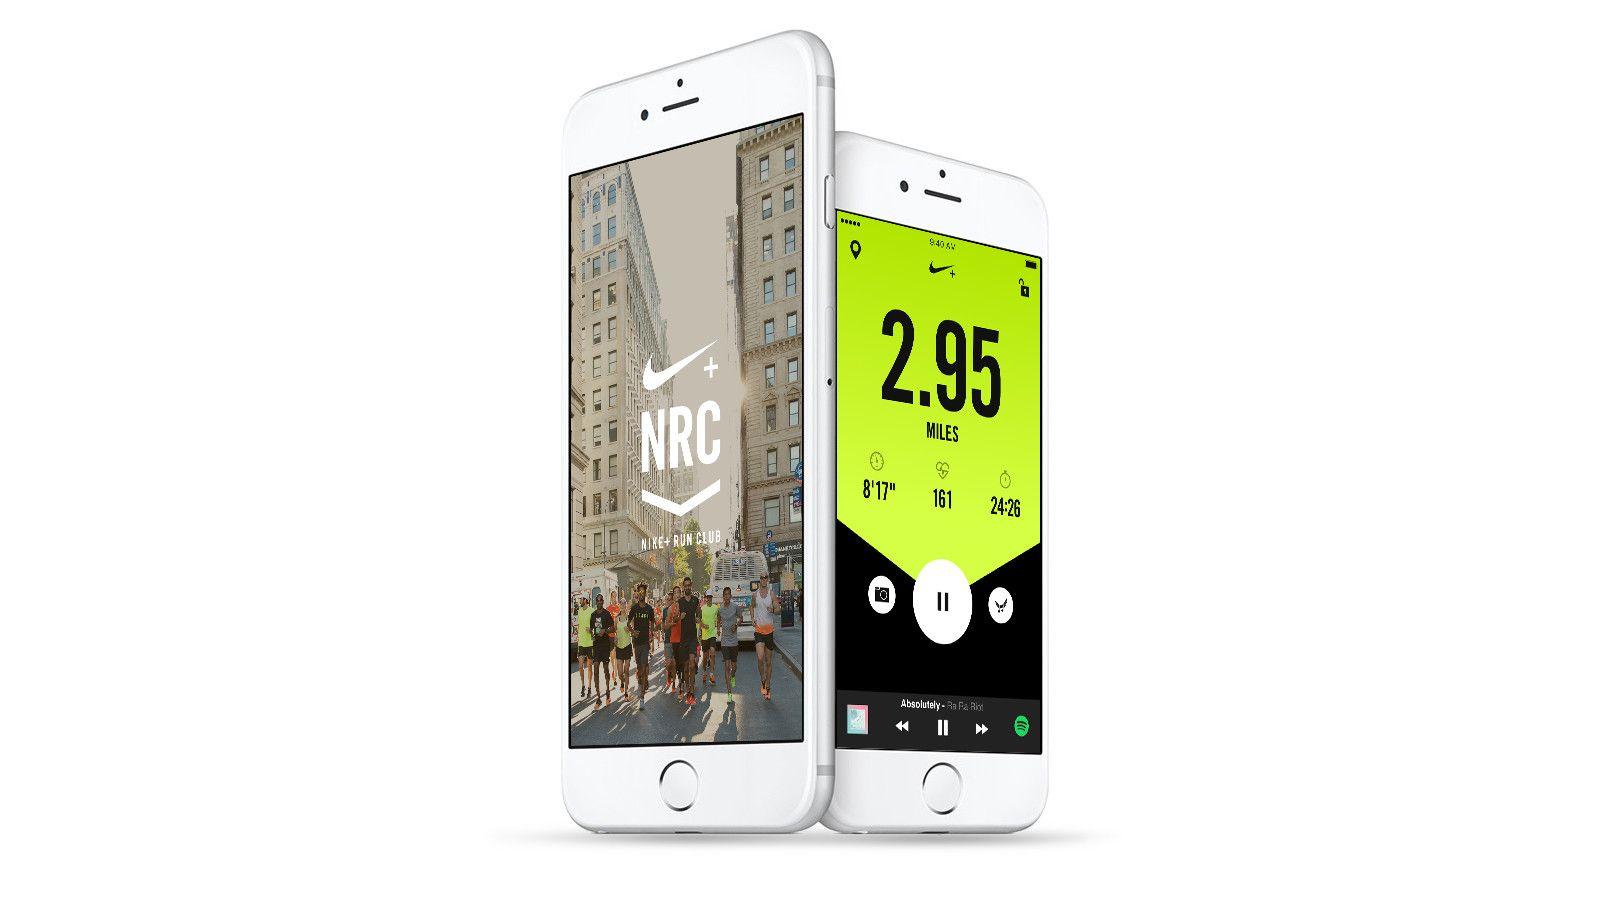 改名 Nike+ Run Club 反被狂插? 評分兩星跑者大災難